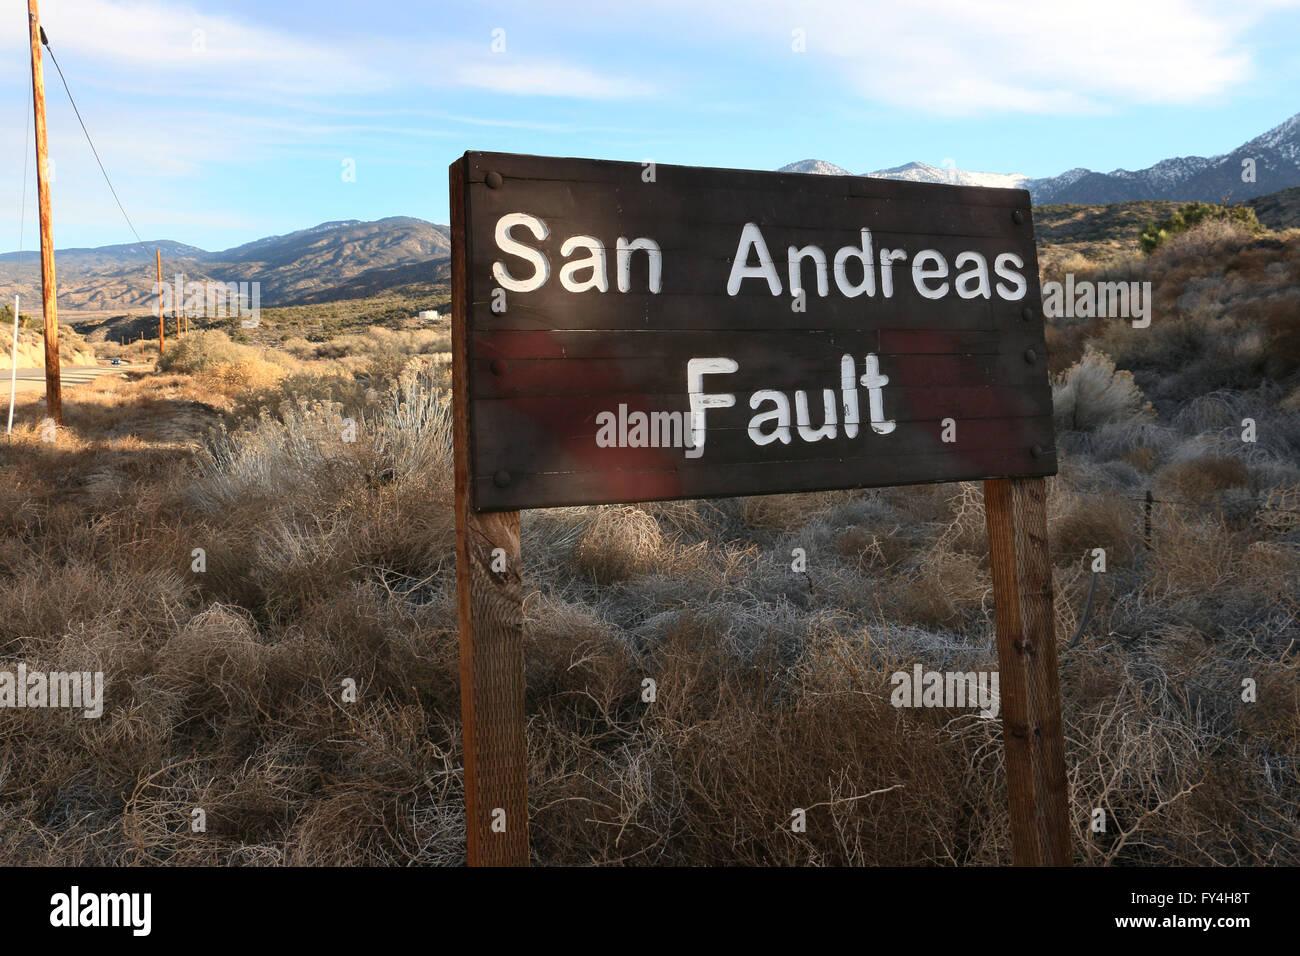 San Andres problème signer Valyermo Calfornia Photo Stock